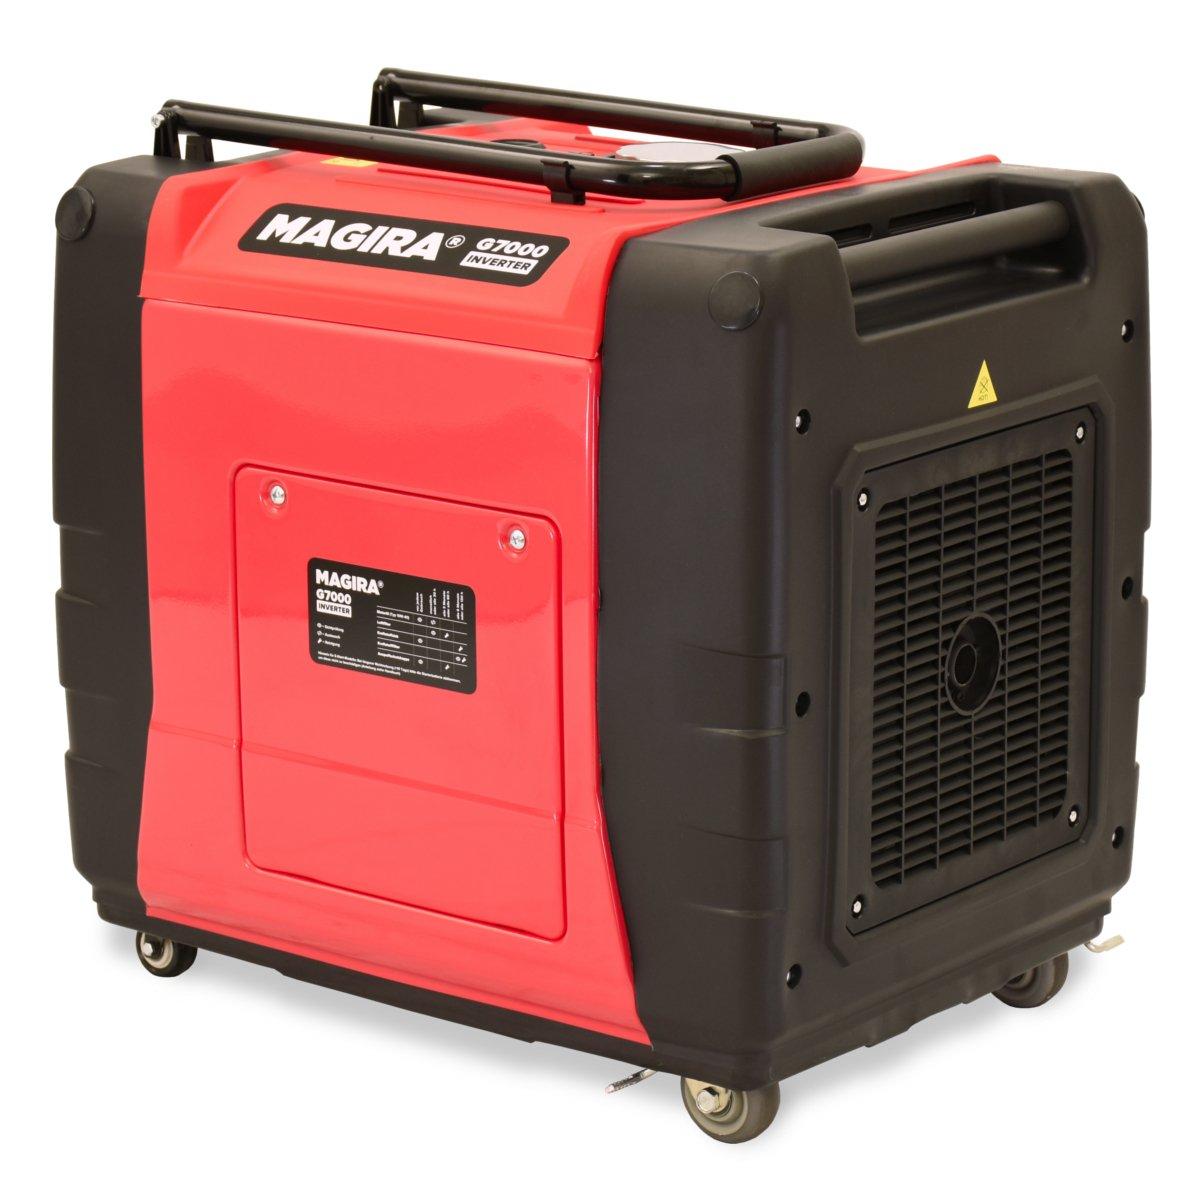 MAGIRA 4,0kW Digitaler Inverter Stromerzeuger, benzinbetriebener ...